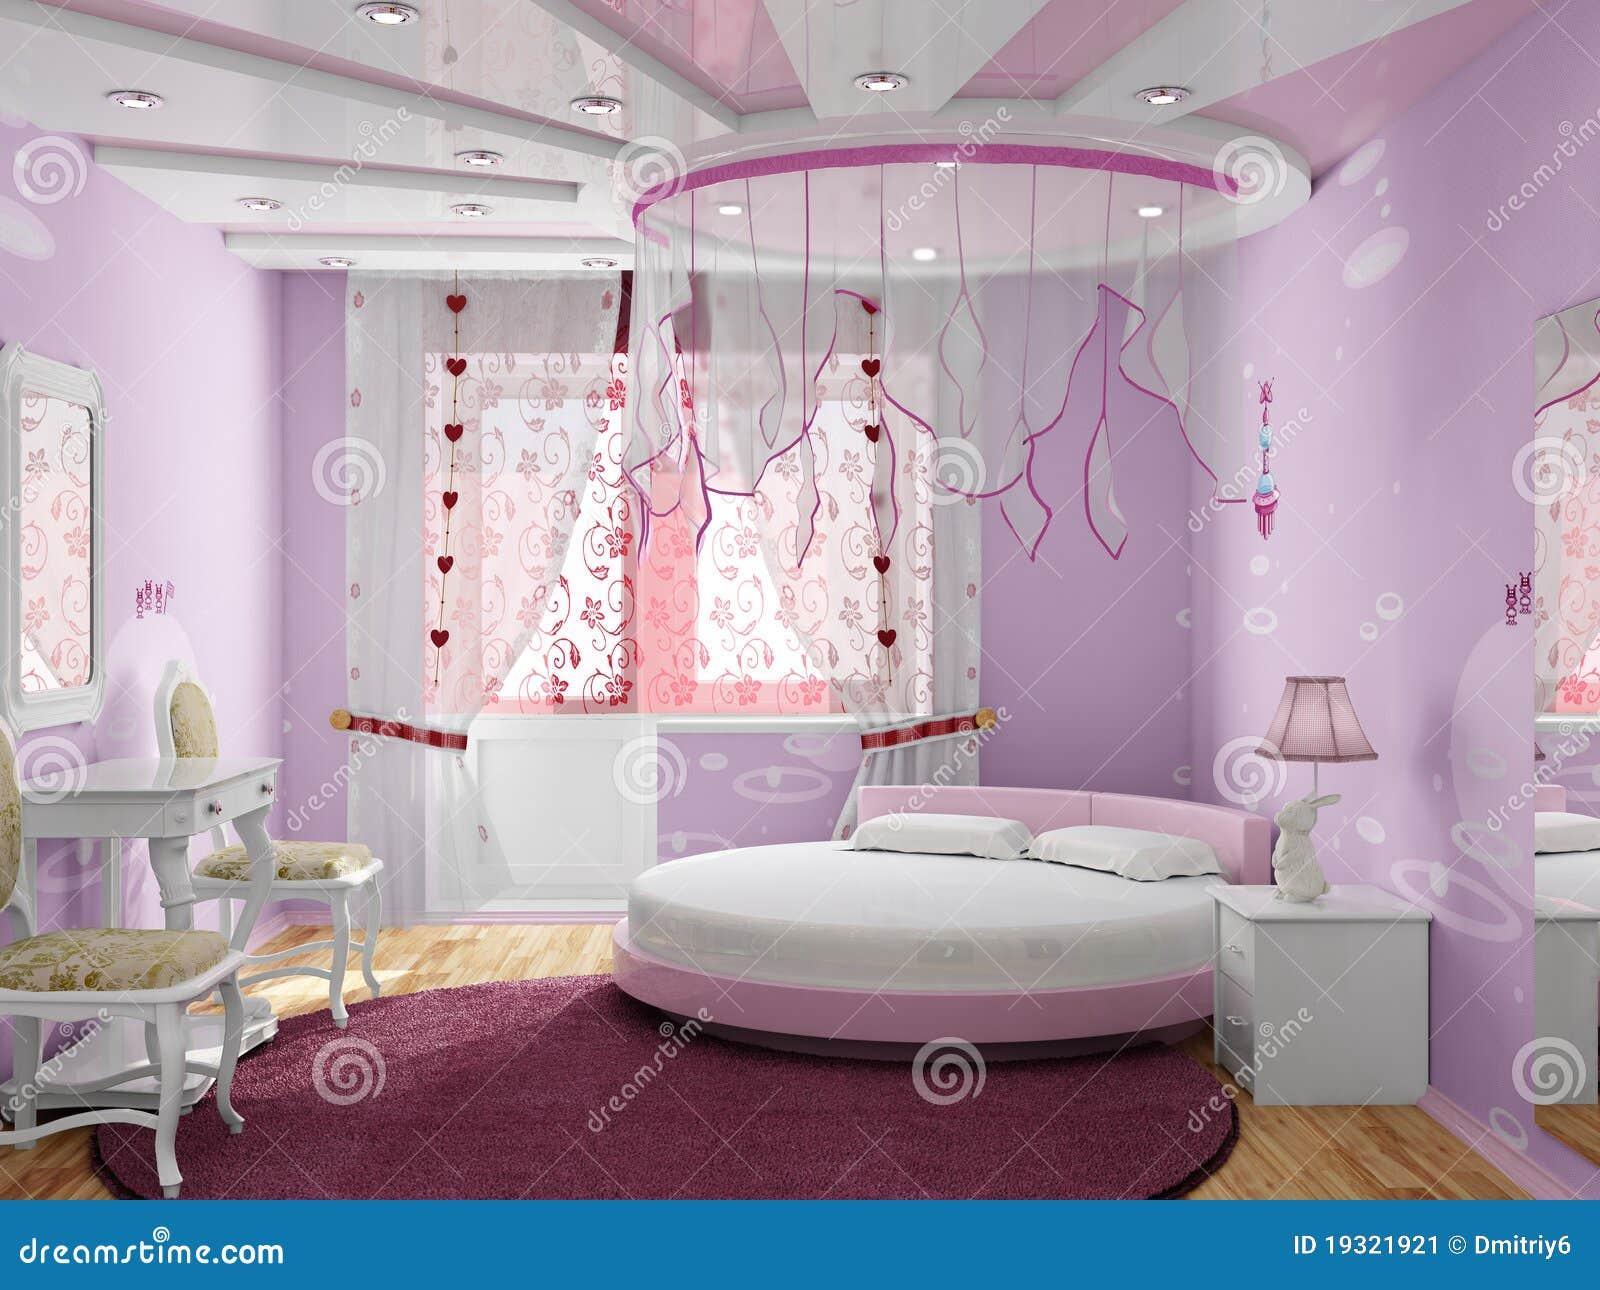 Chambre à Coucher Pour La Fille Illustration Stock - Image: 19321921